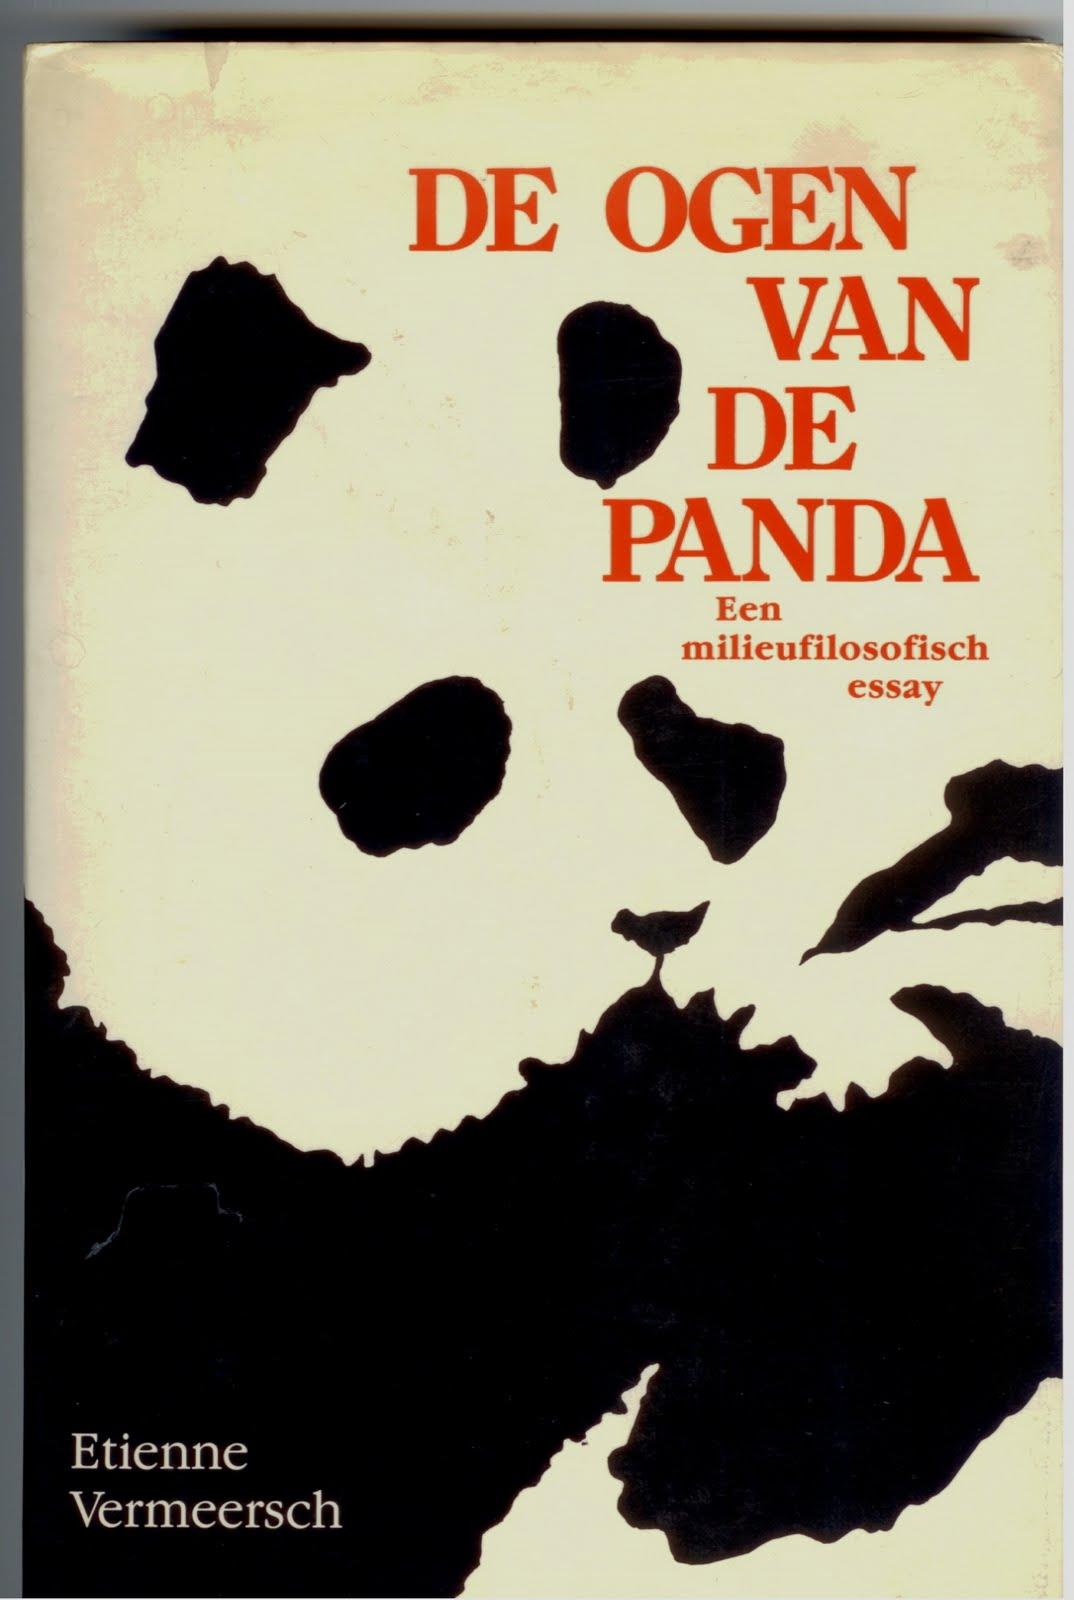 de ogen van de panda een milieufilosofisch essay De ogen van de panda etienne vermeersch isbn13 9789089245885 de ogen van de panda is een milieufilosofisch essay van etienne vermeersch, gepubliceerd in 1988.